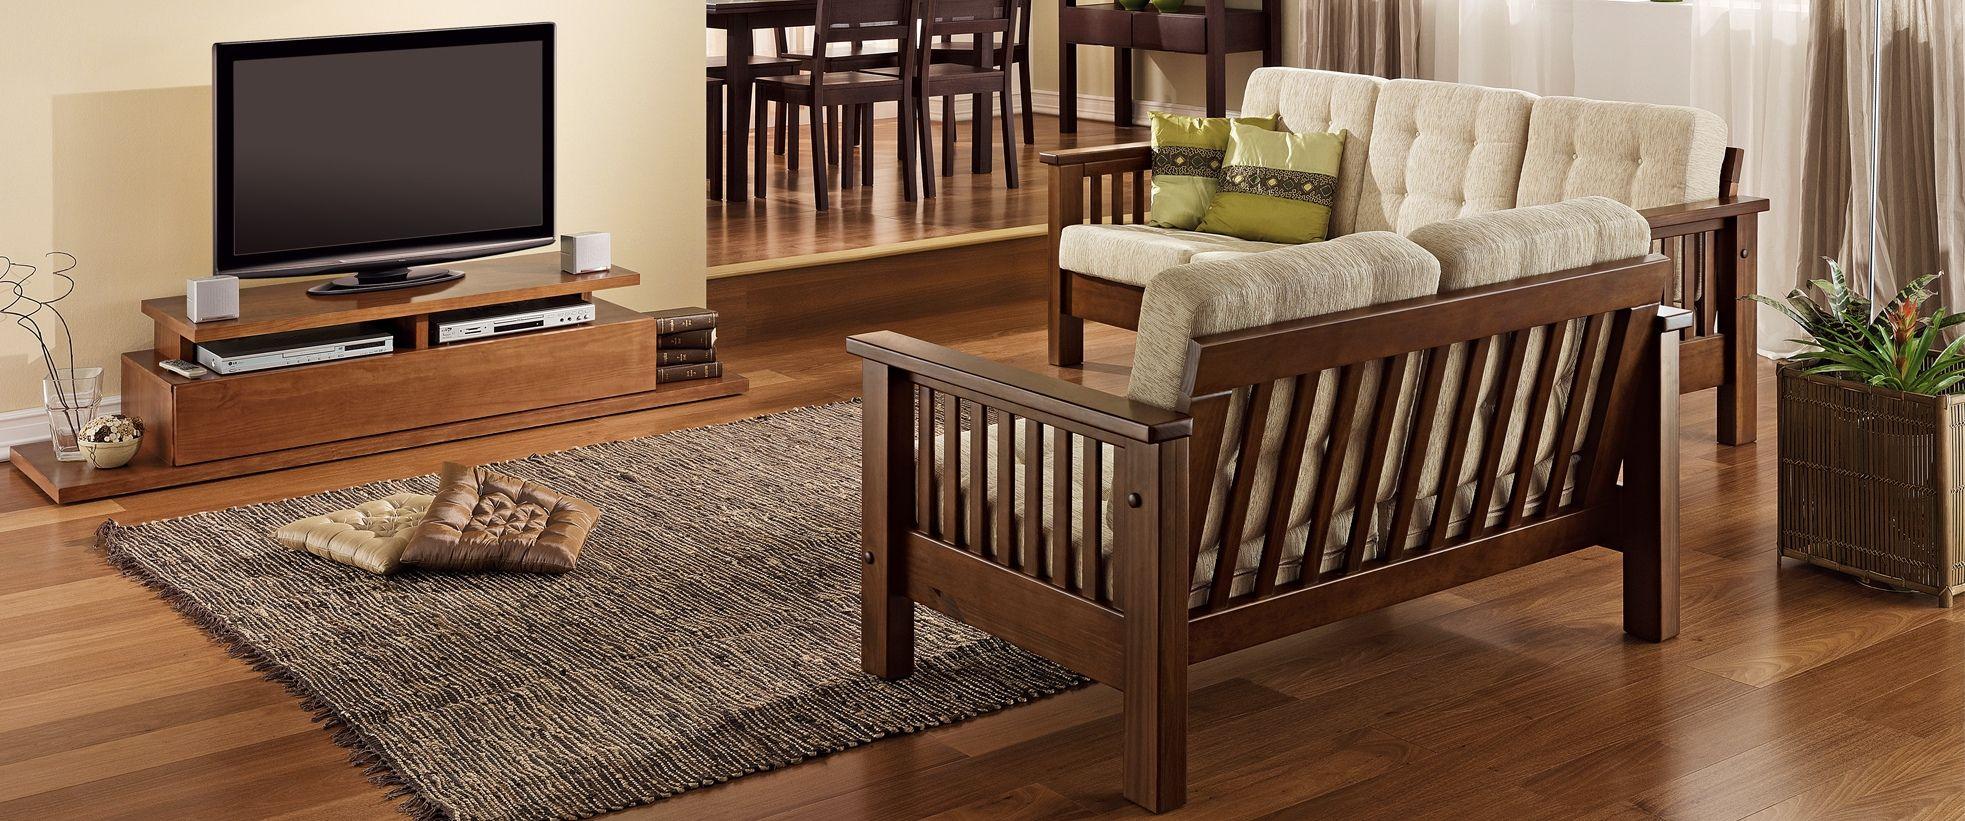 sofá de madeira com almofadas soltas - Pesquisa Google